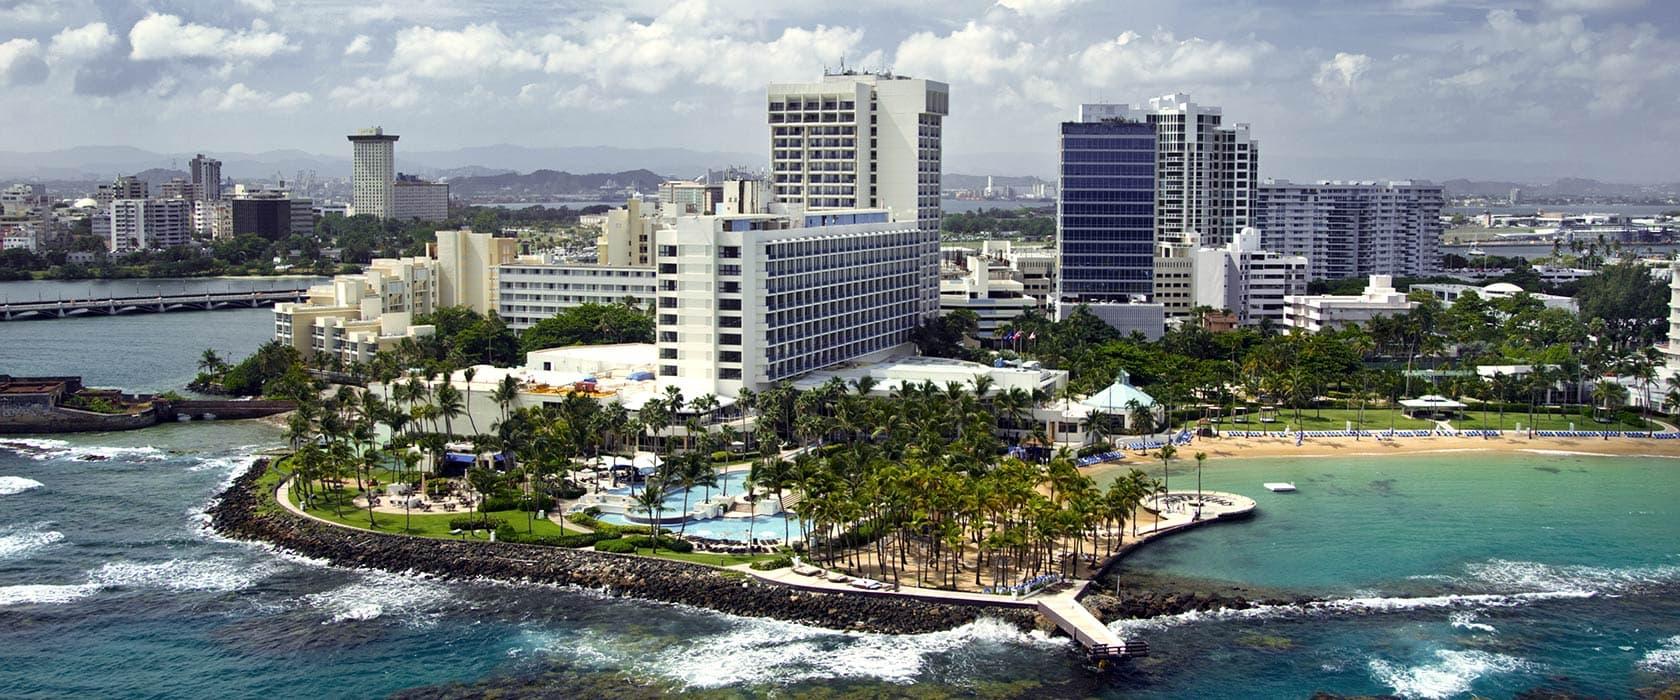 Image of Caribe Hilton 1